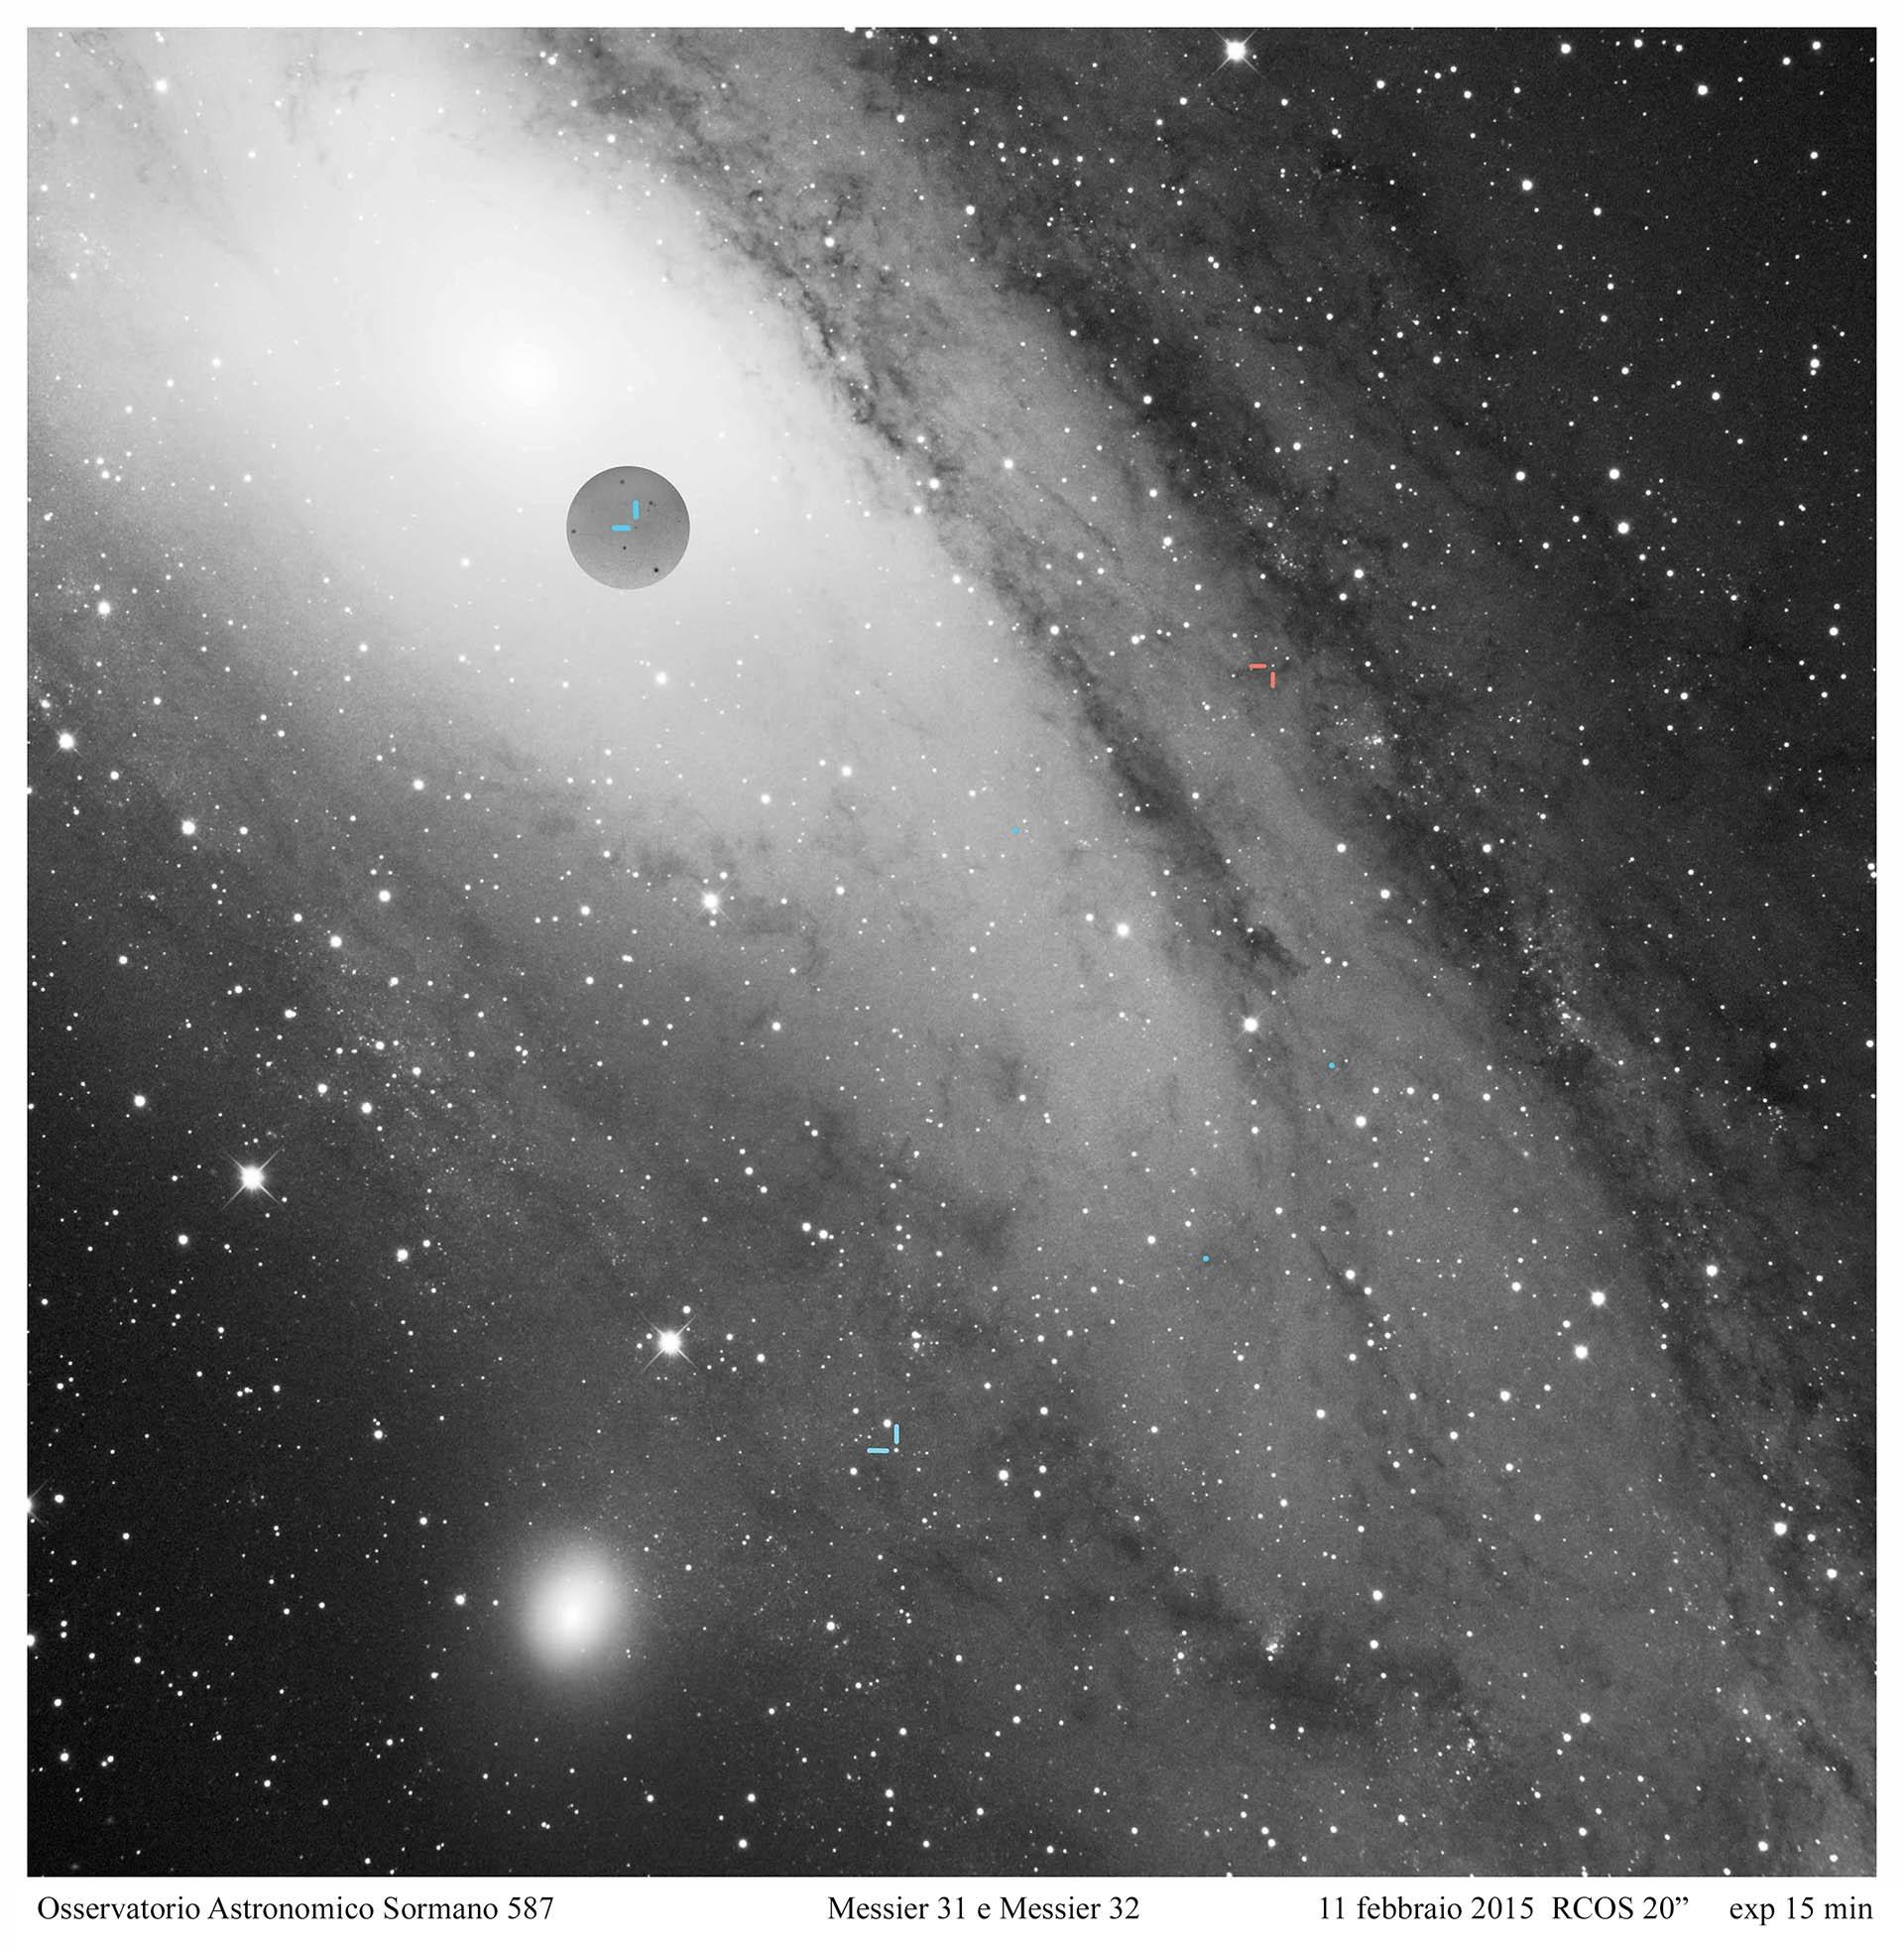 Nove e Cefeidi, i mille volti di M31